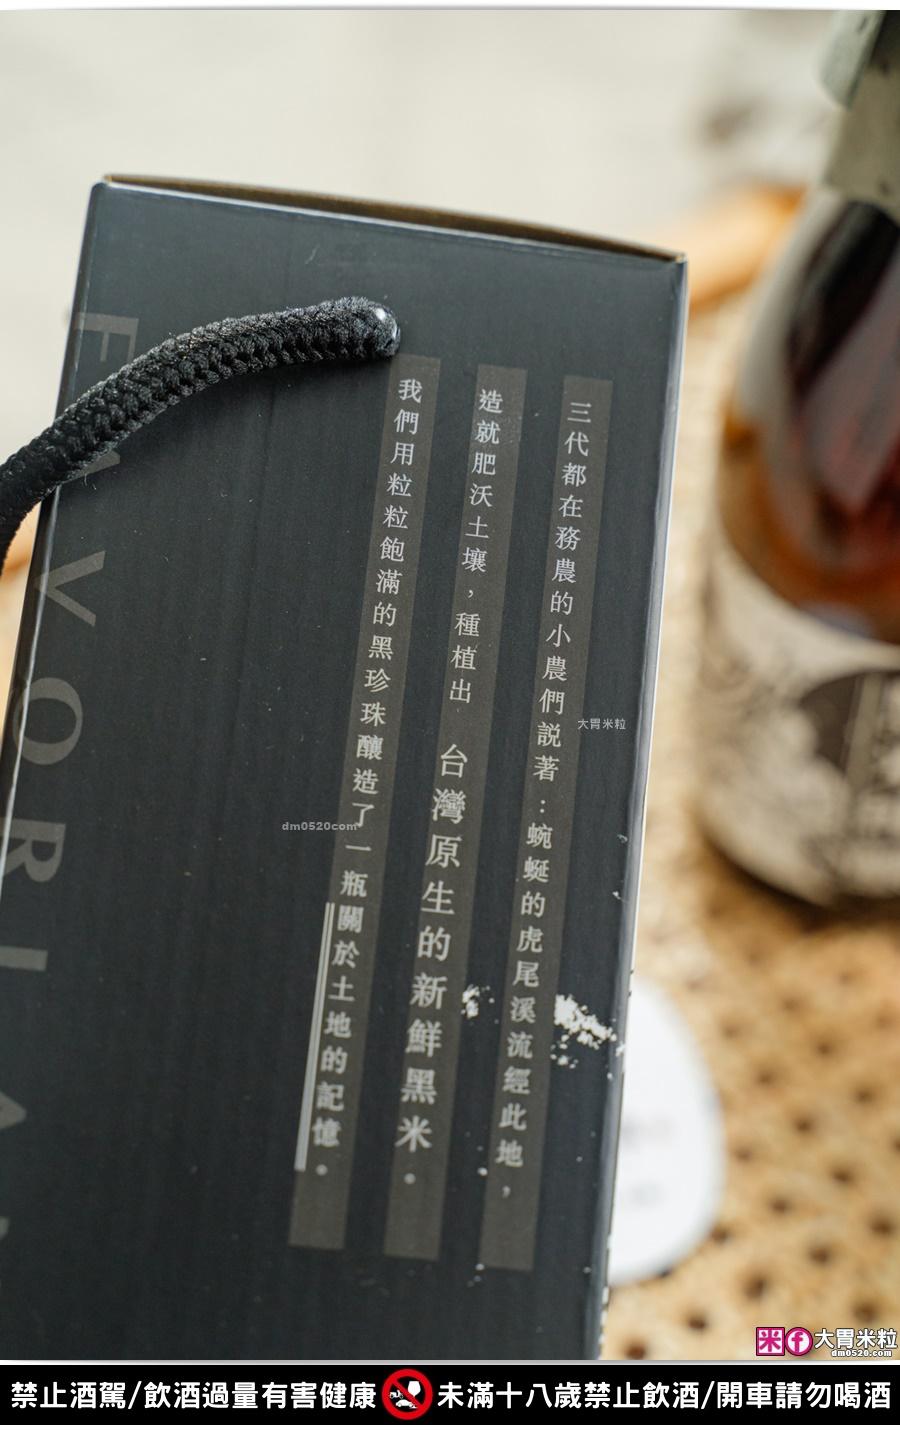 虎尾釀職人黑米純釀